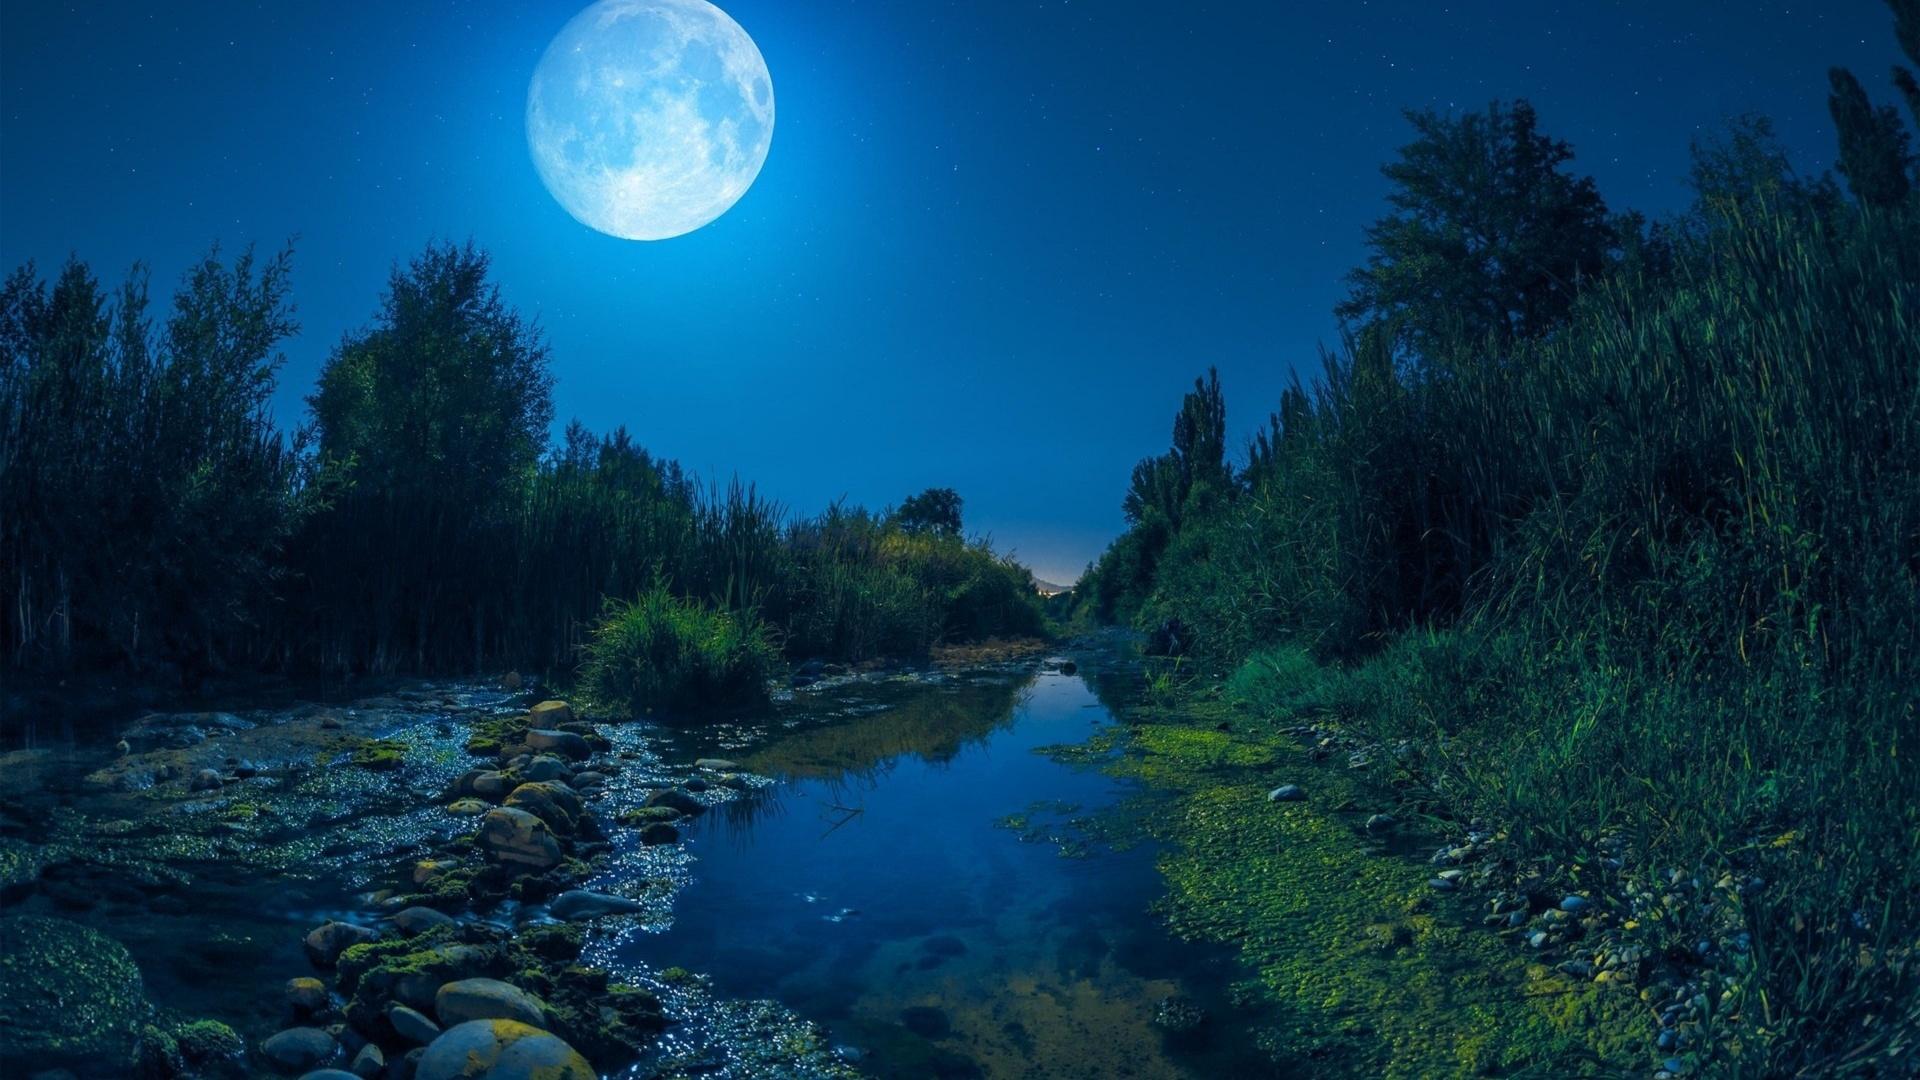 природа, пейзаж, река, деревья, кусты, берега, камни, ночь, луна